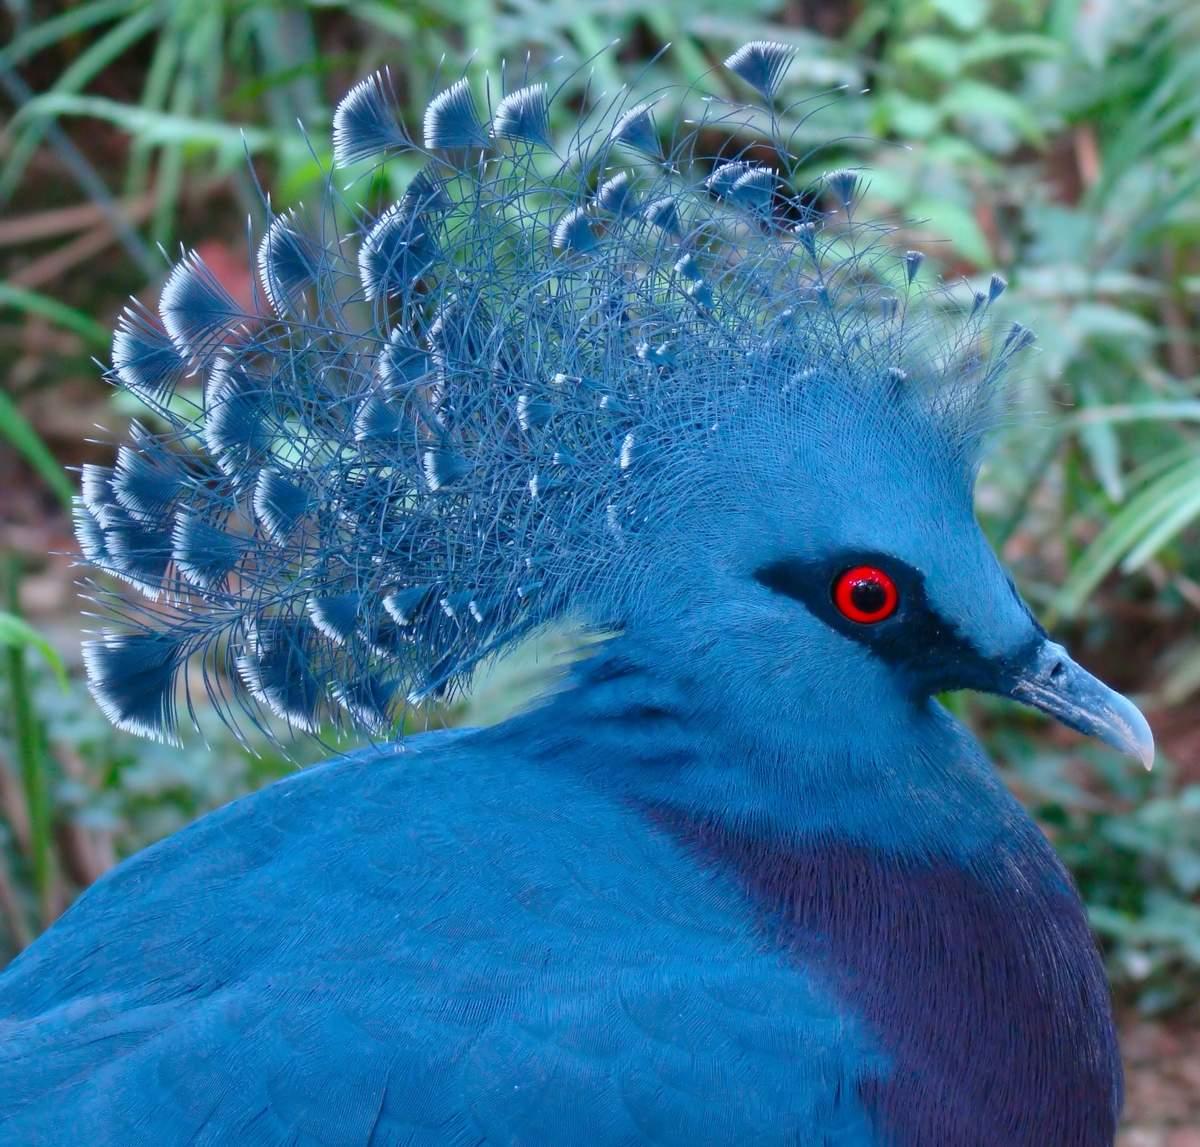 Голубь веероносный венценосный - общая информация - 2020